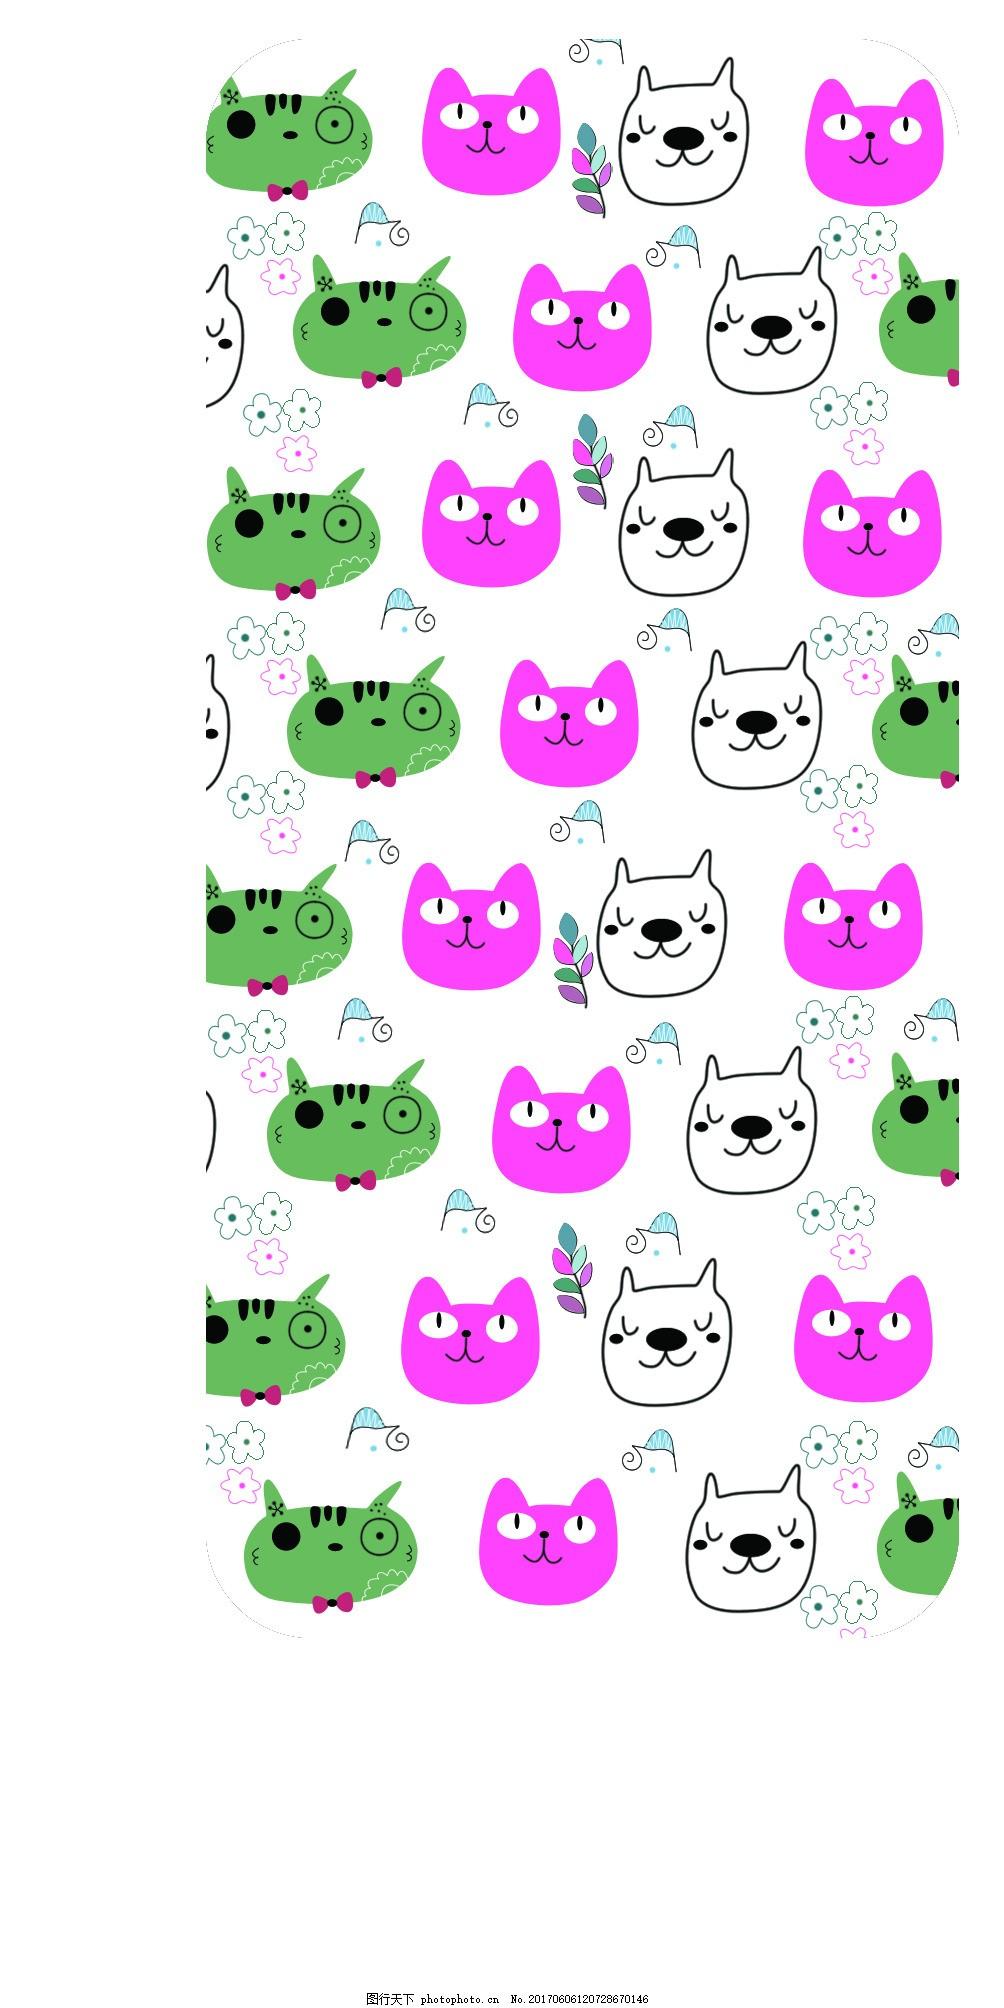 小动物合集 青蛙 狗 简笔画 插画